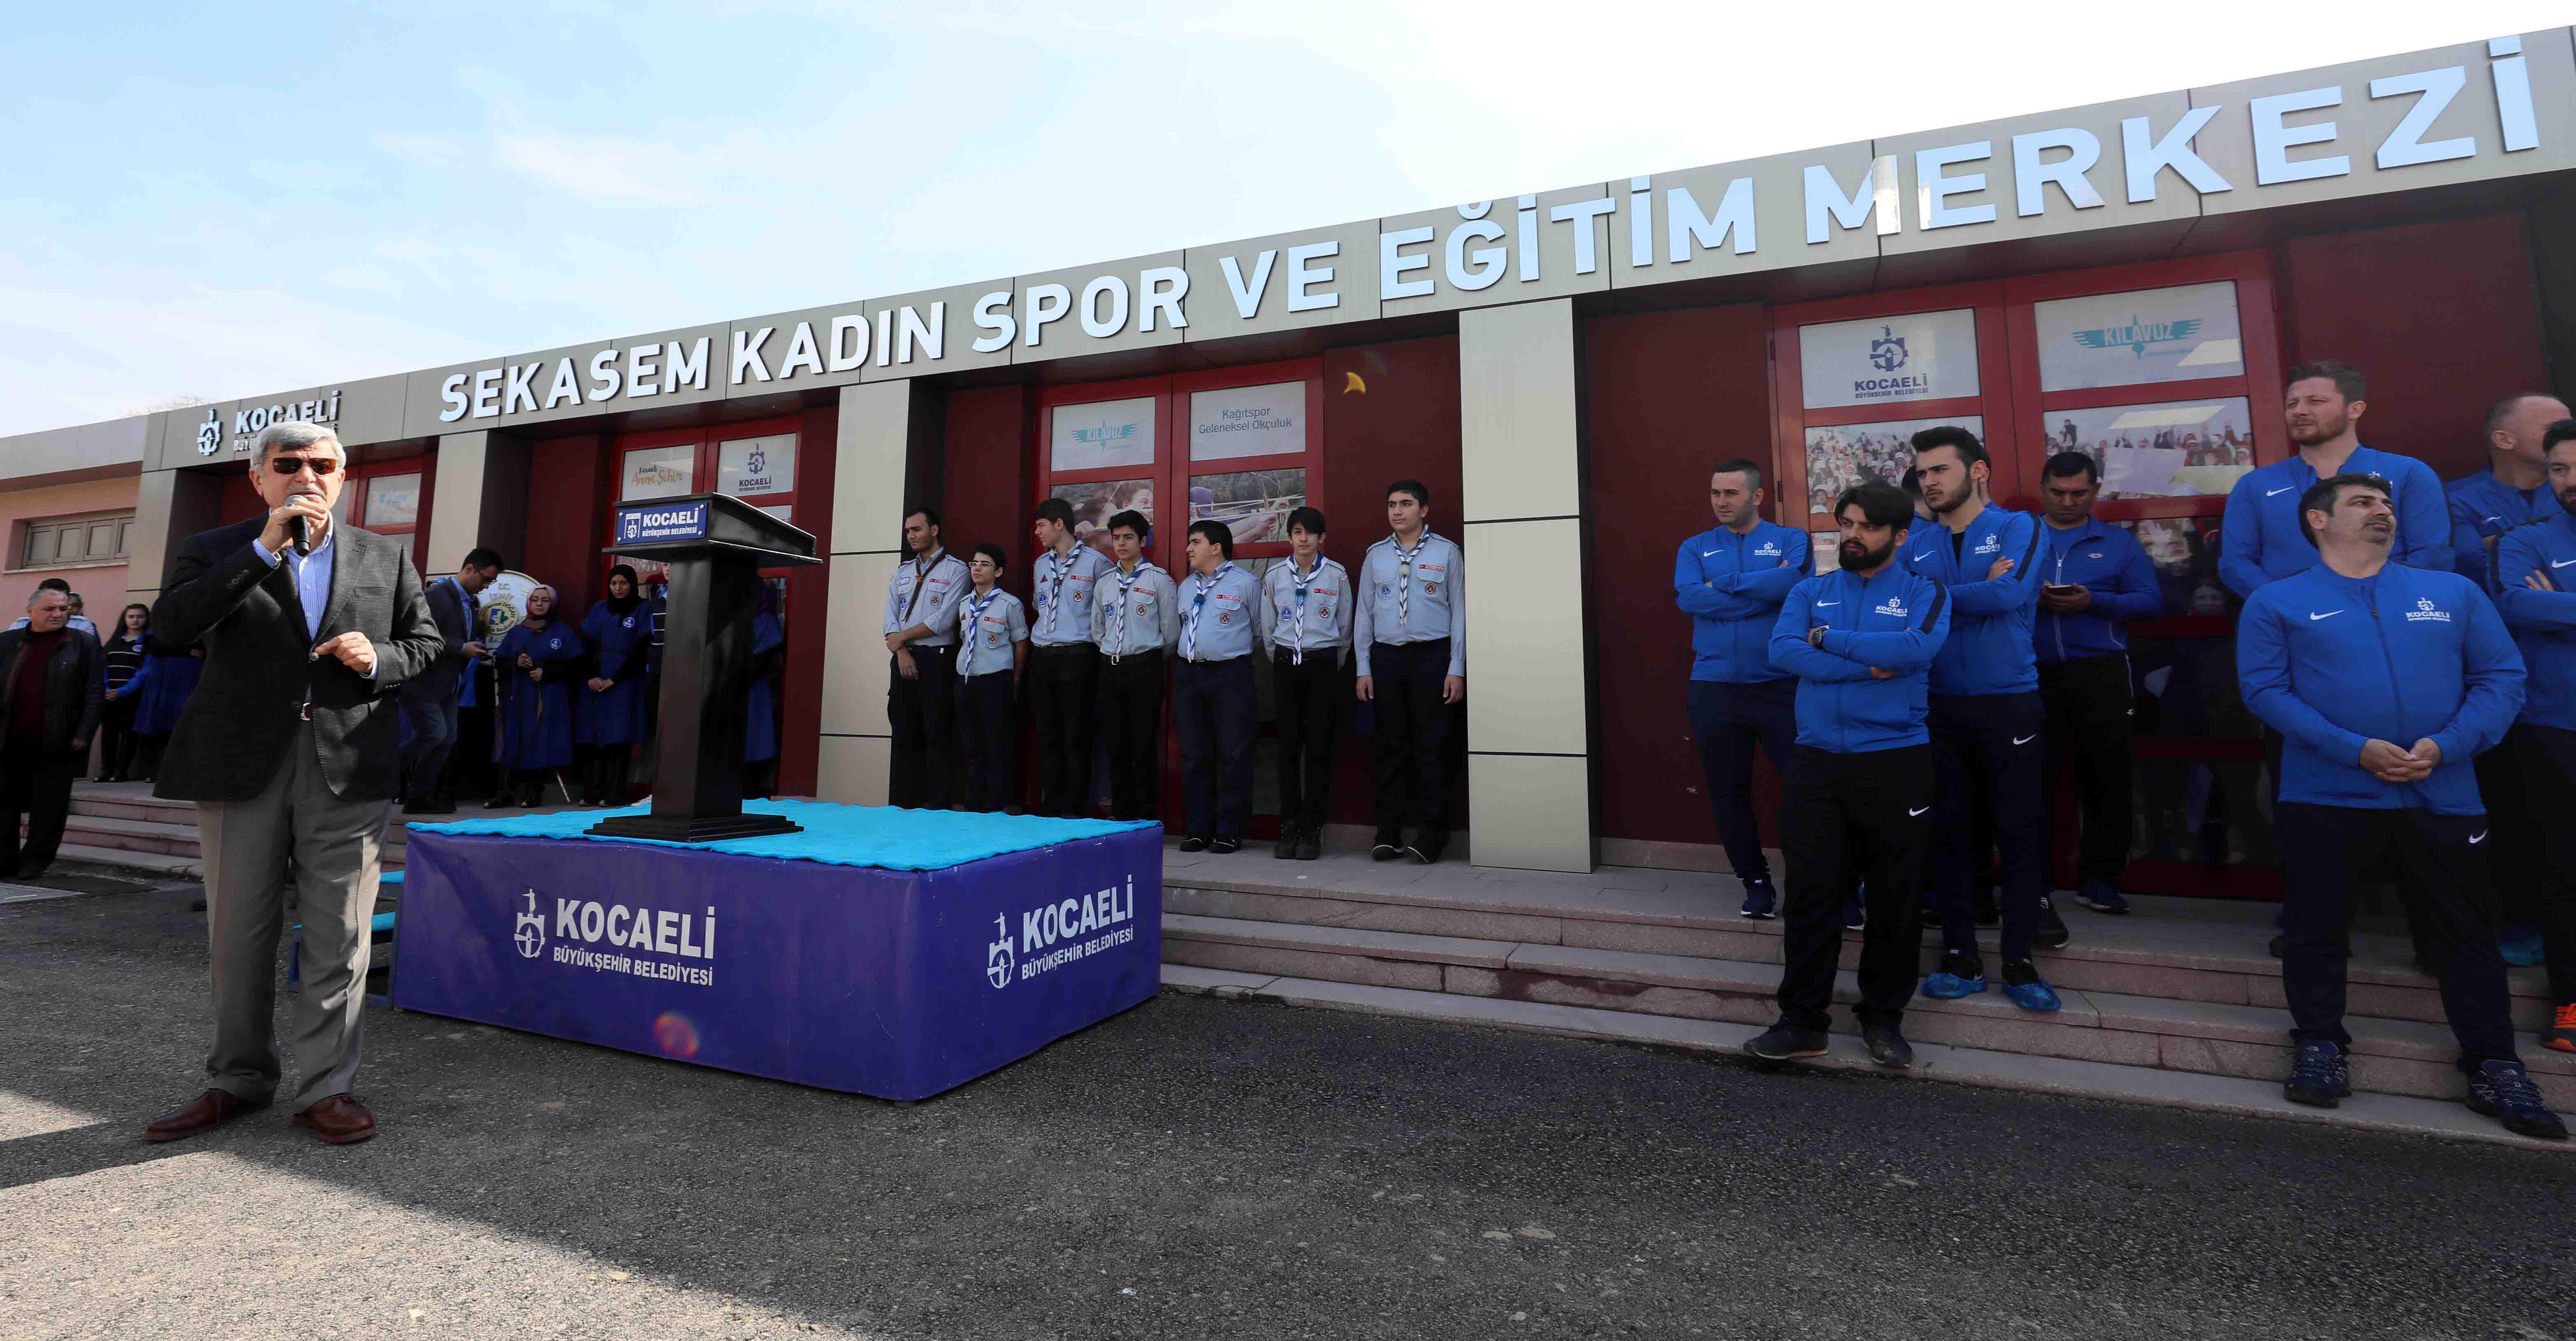 """Karaosmanoğlu, """"Binlerce kadınımızı evlerden, spor ve yaşam merkezlerine taşıdık"""""""